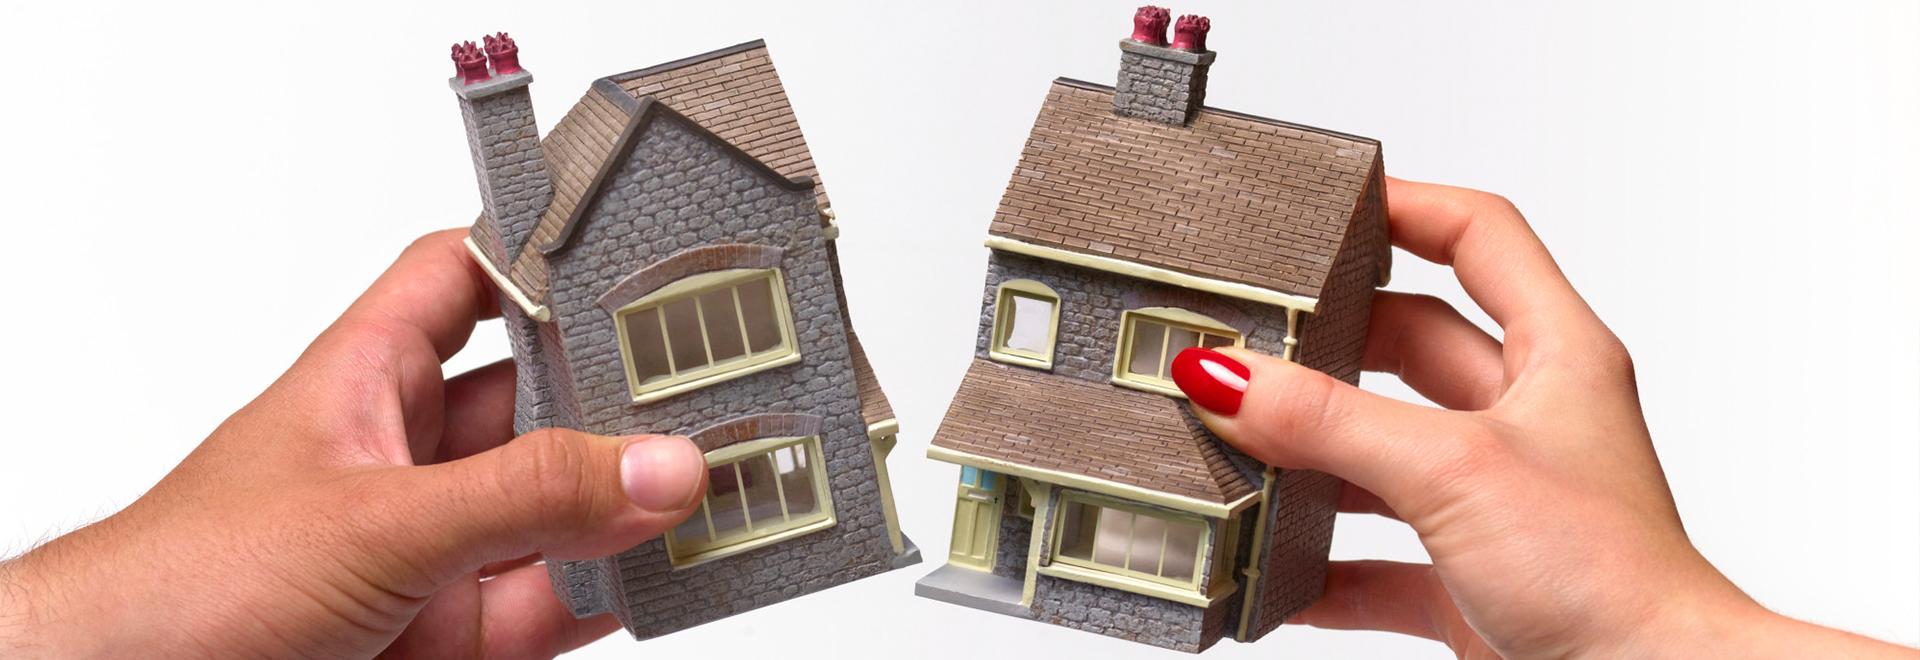 Изображение - Порядок раздела квартиры на доли, если у недвижимости один собственник 76c-9f2f4de1